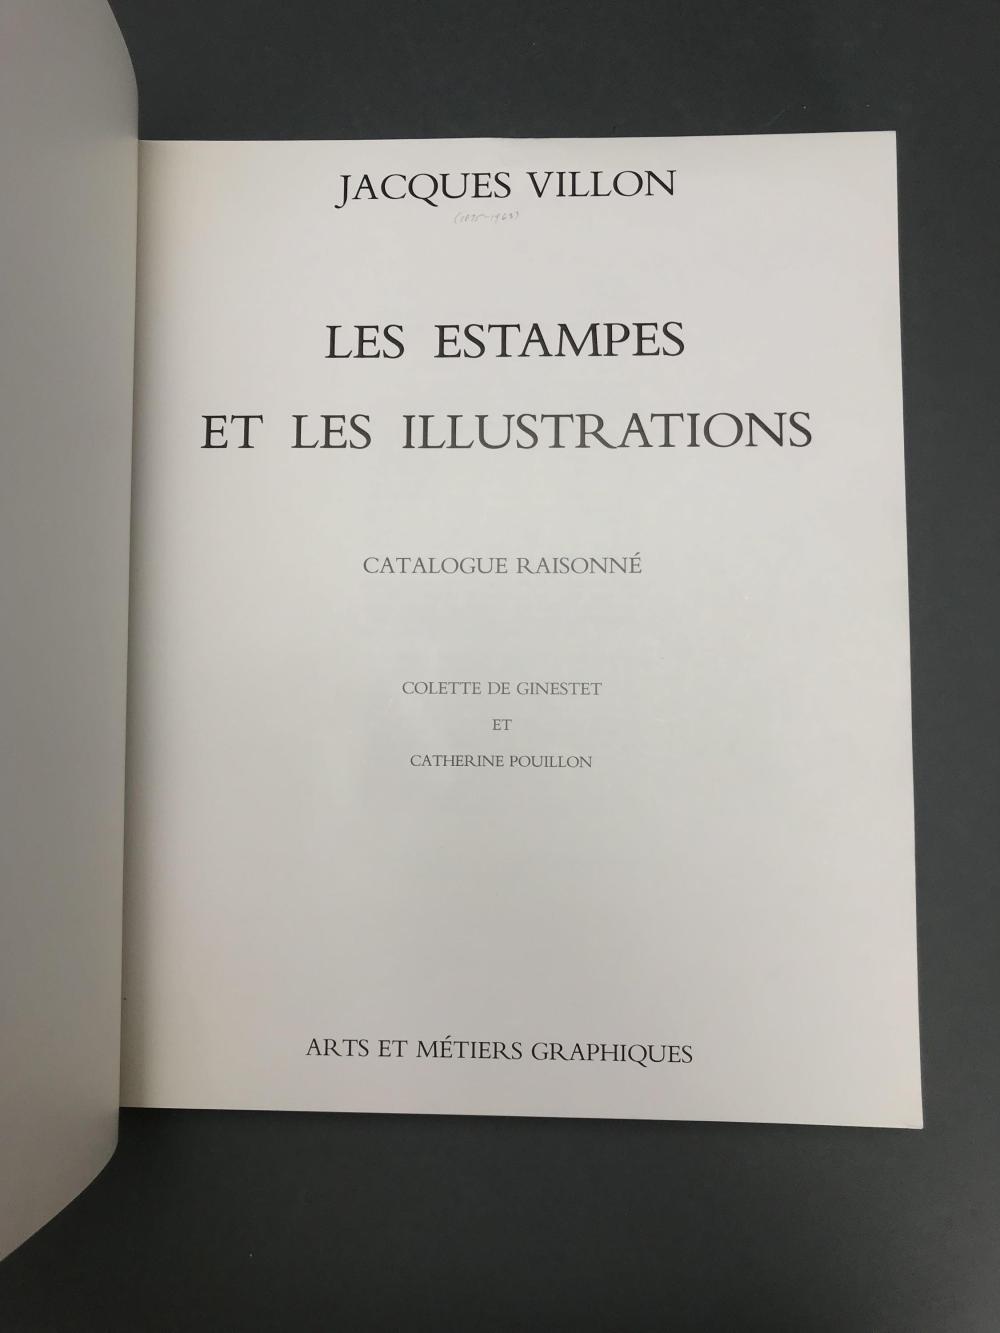 Lot 457: Jacques Villon. Catalogue Raisonne. 1962.